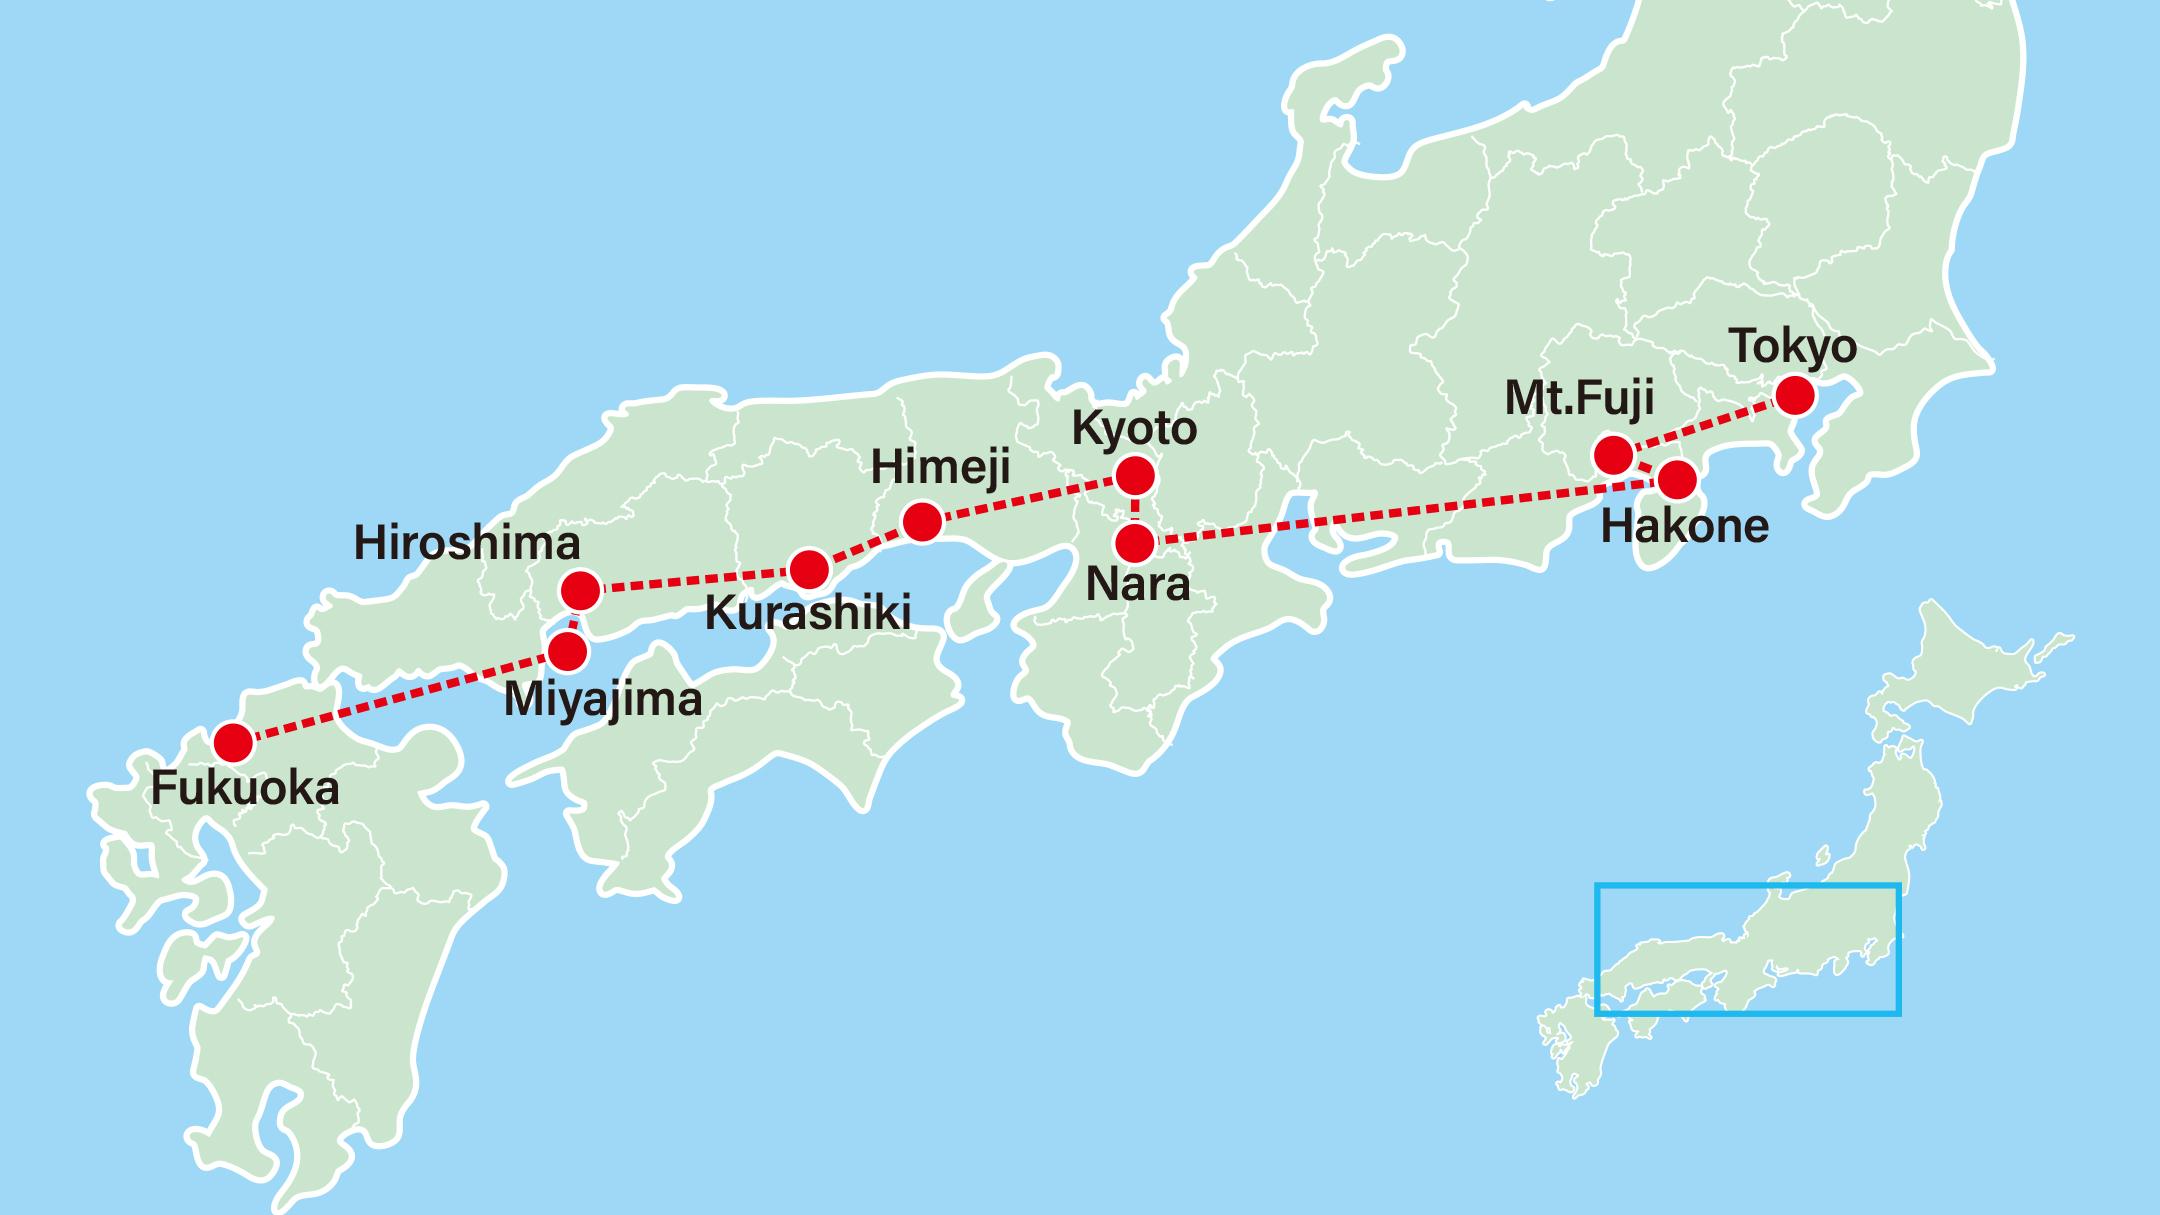 Kawachi Fuji Wisteria Garden-Tokyo-Yokohama-Mt Fuji-Hakone-Nara-Kyoto-Himeji-Kurashiki-Hiroshima-Miyajima-Fukuoka